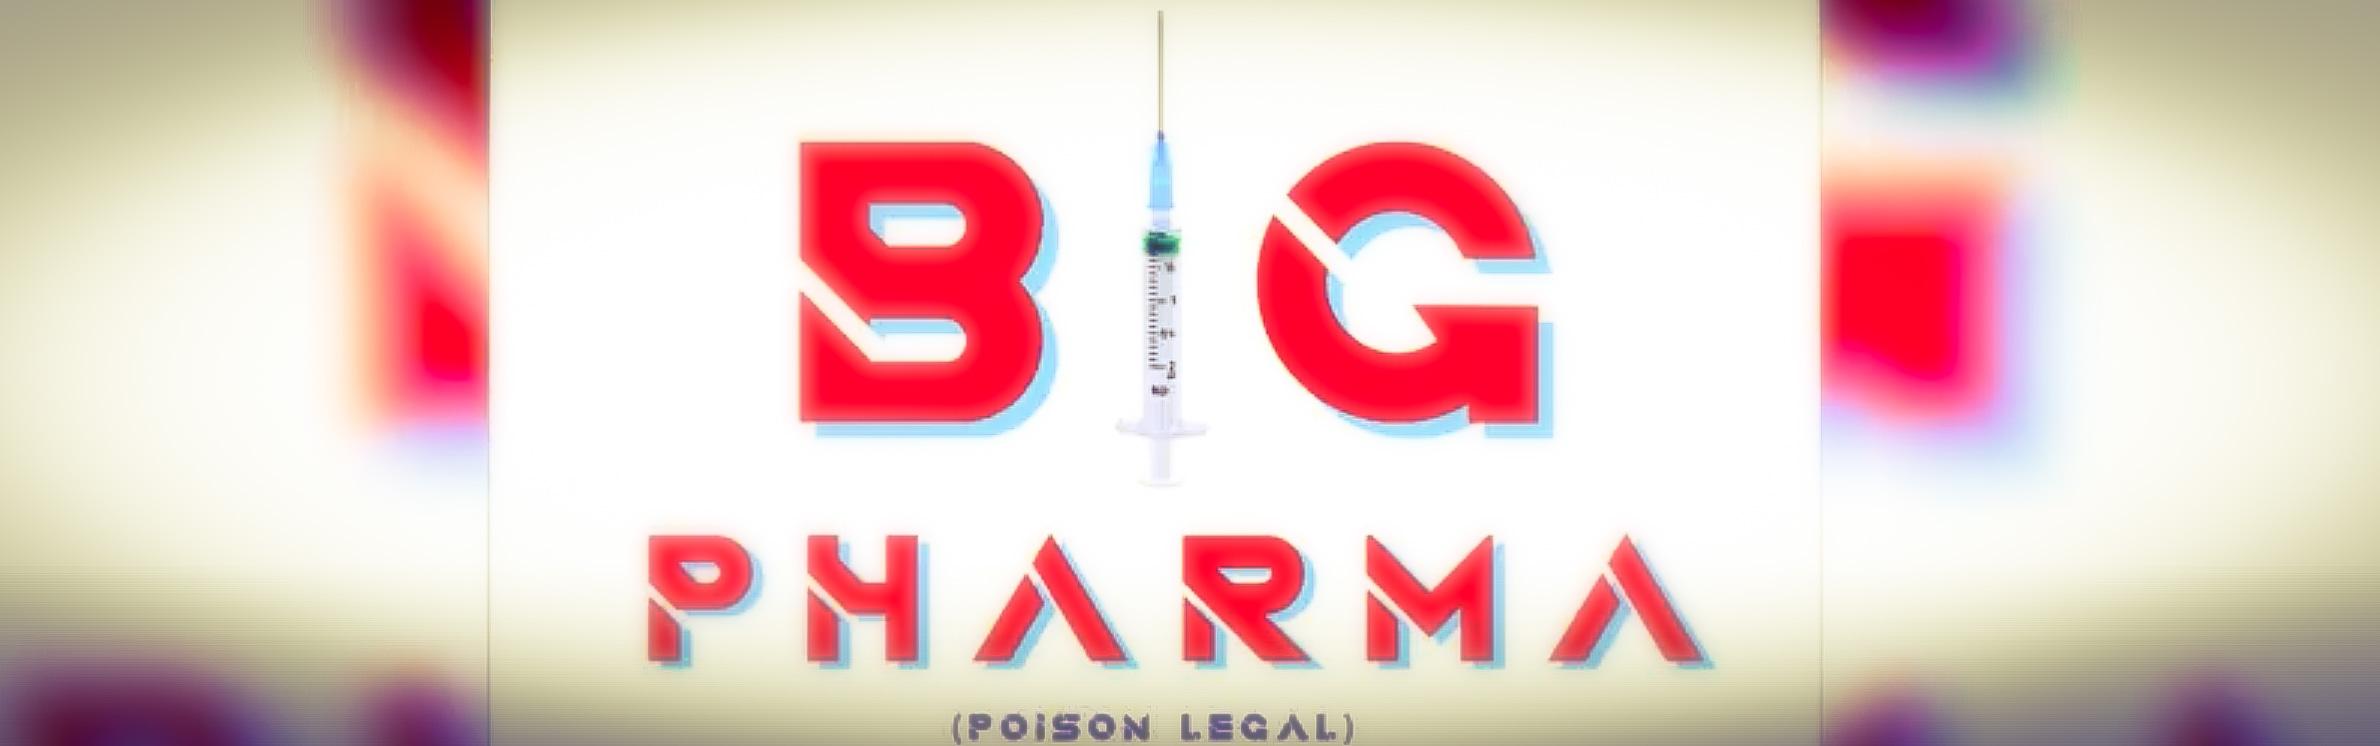 Les injections d'anti-covid ne sont pas des vaccins